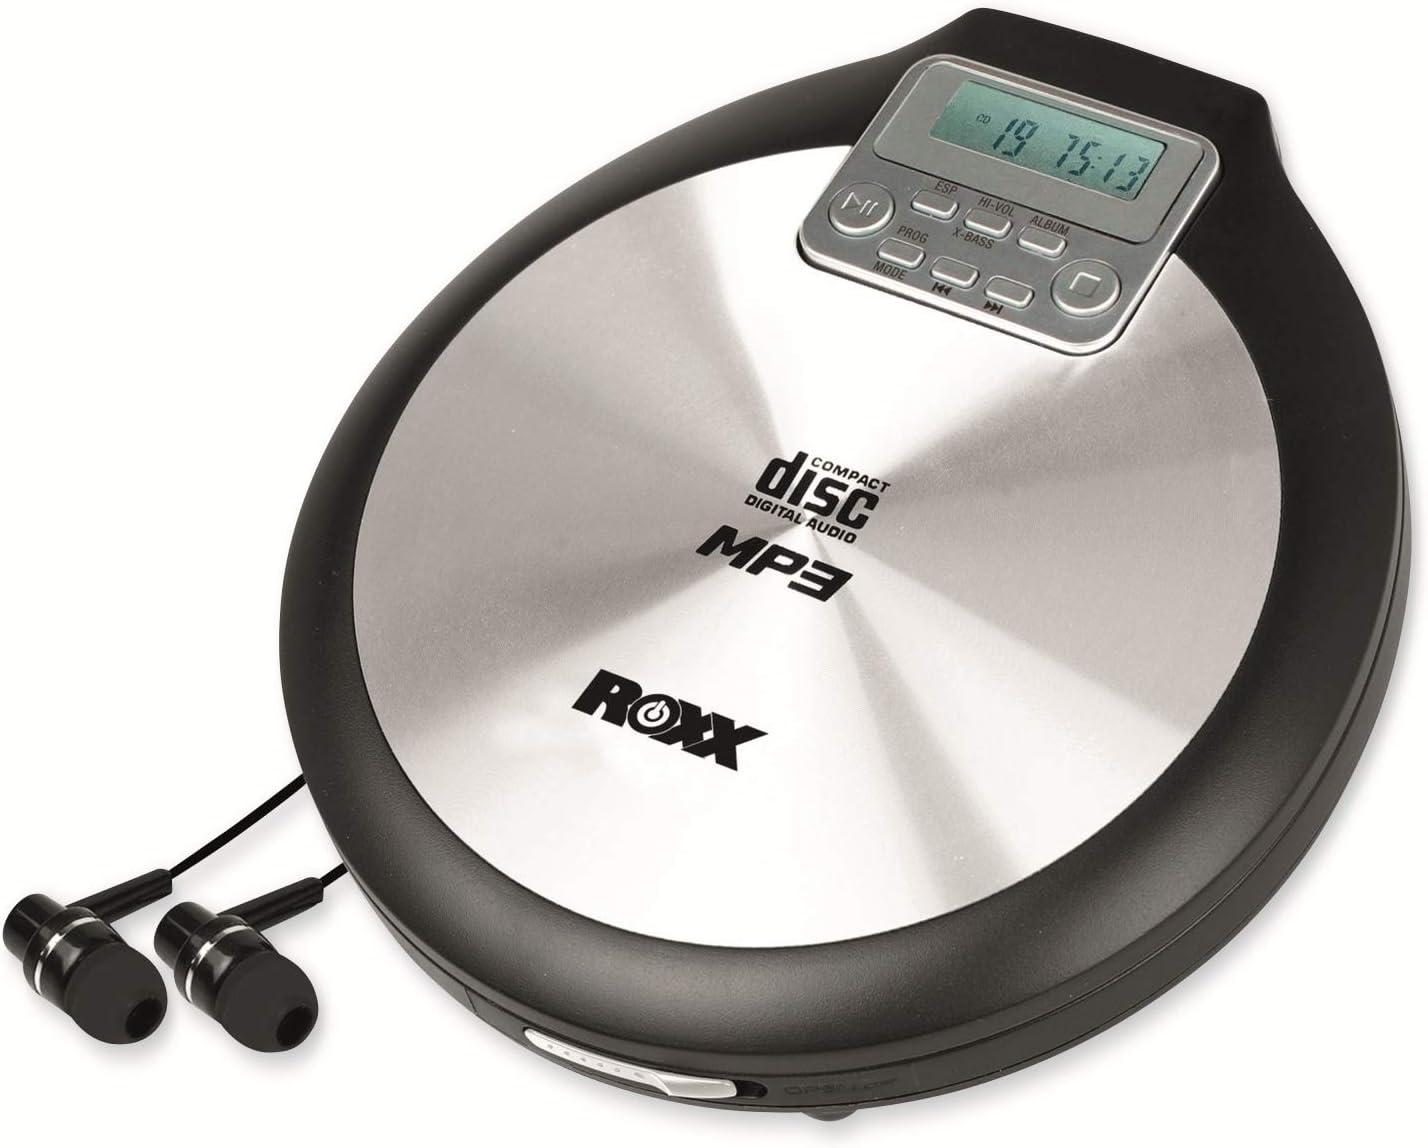 Roxx Discman Tragbarer Mp3 Cd Player Mit Anti Schock Elektronik